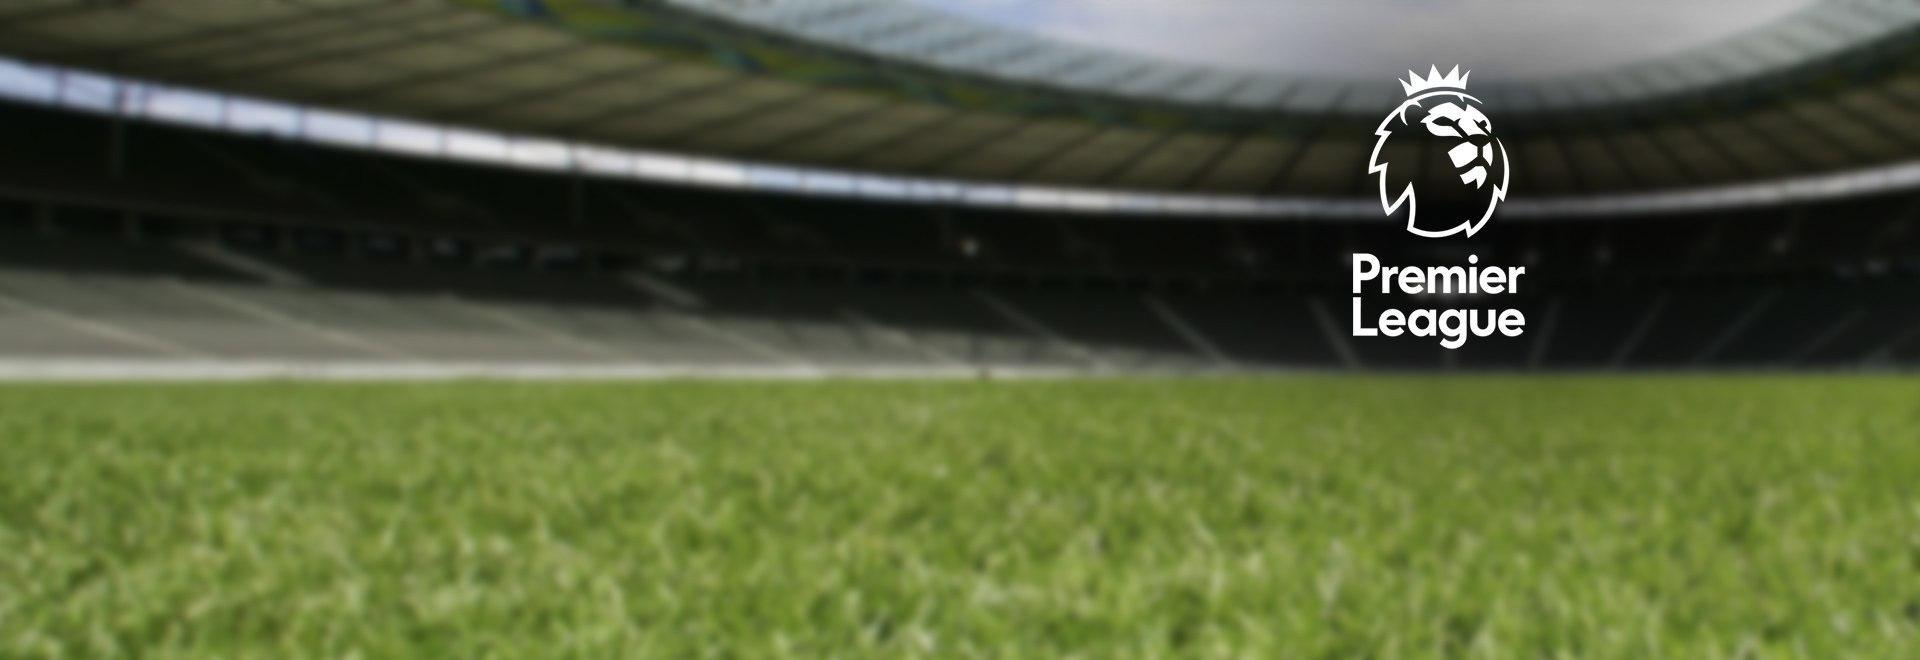 Everton - West Bromwich Albion. 2a g.